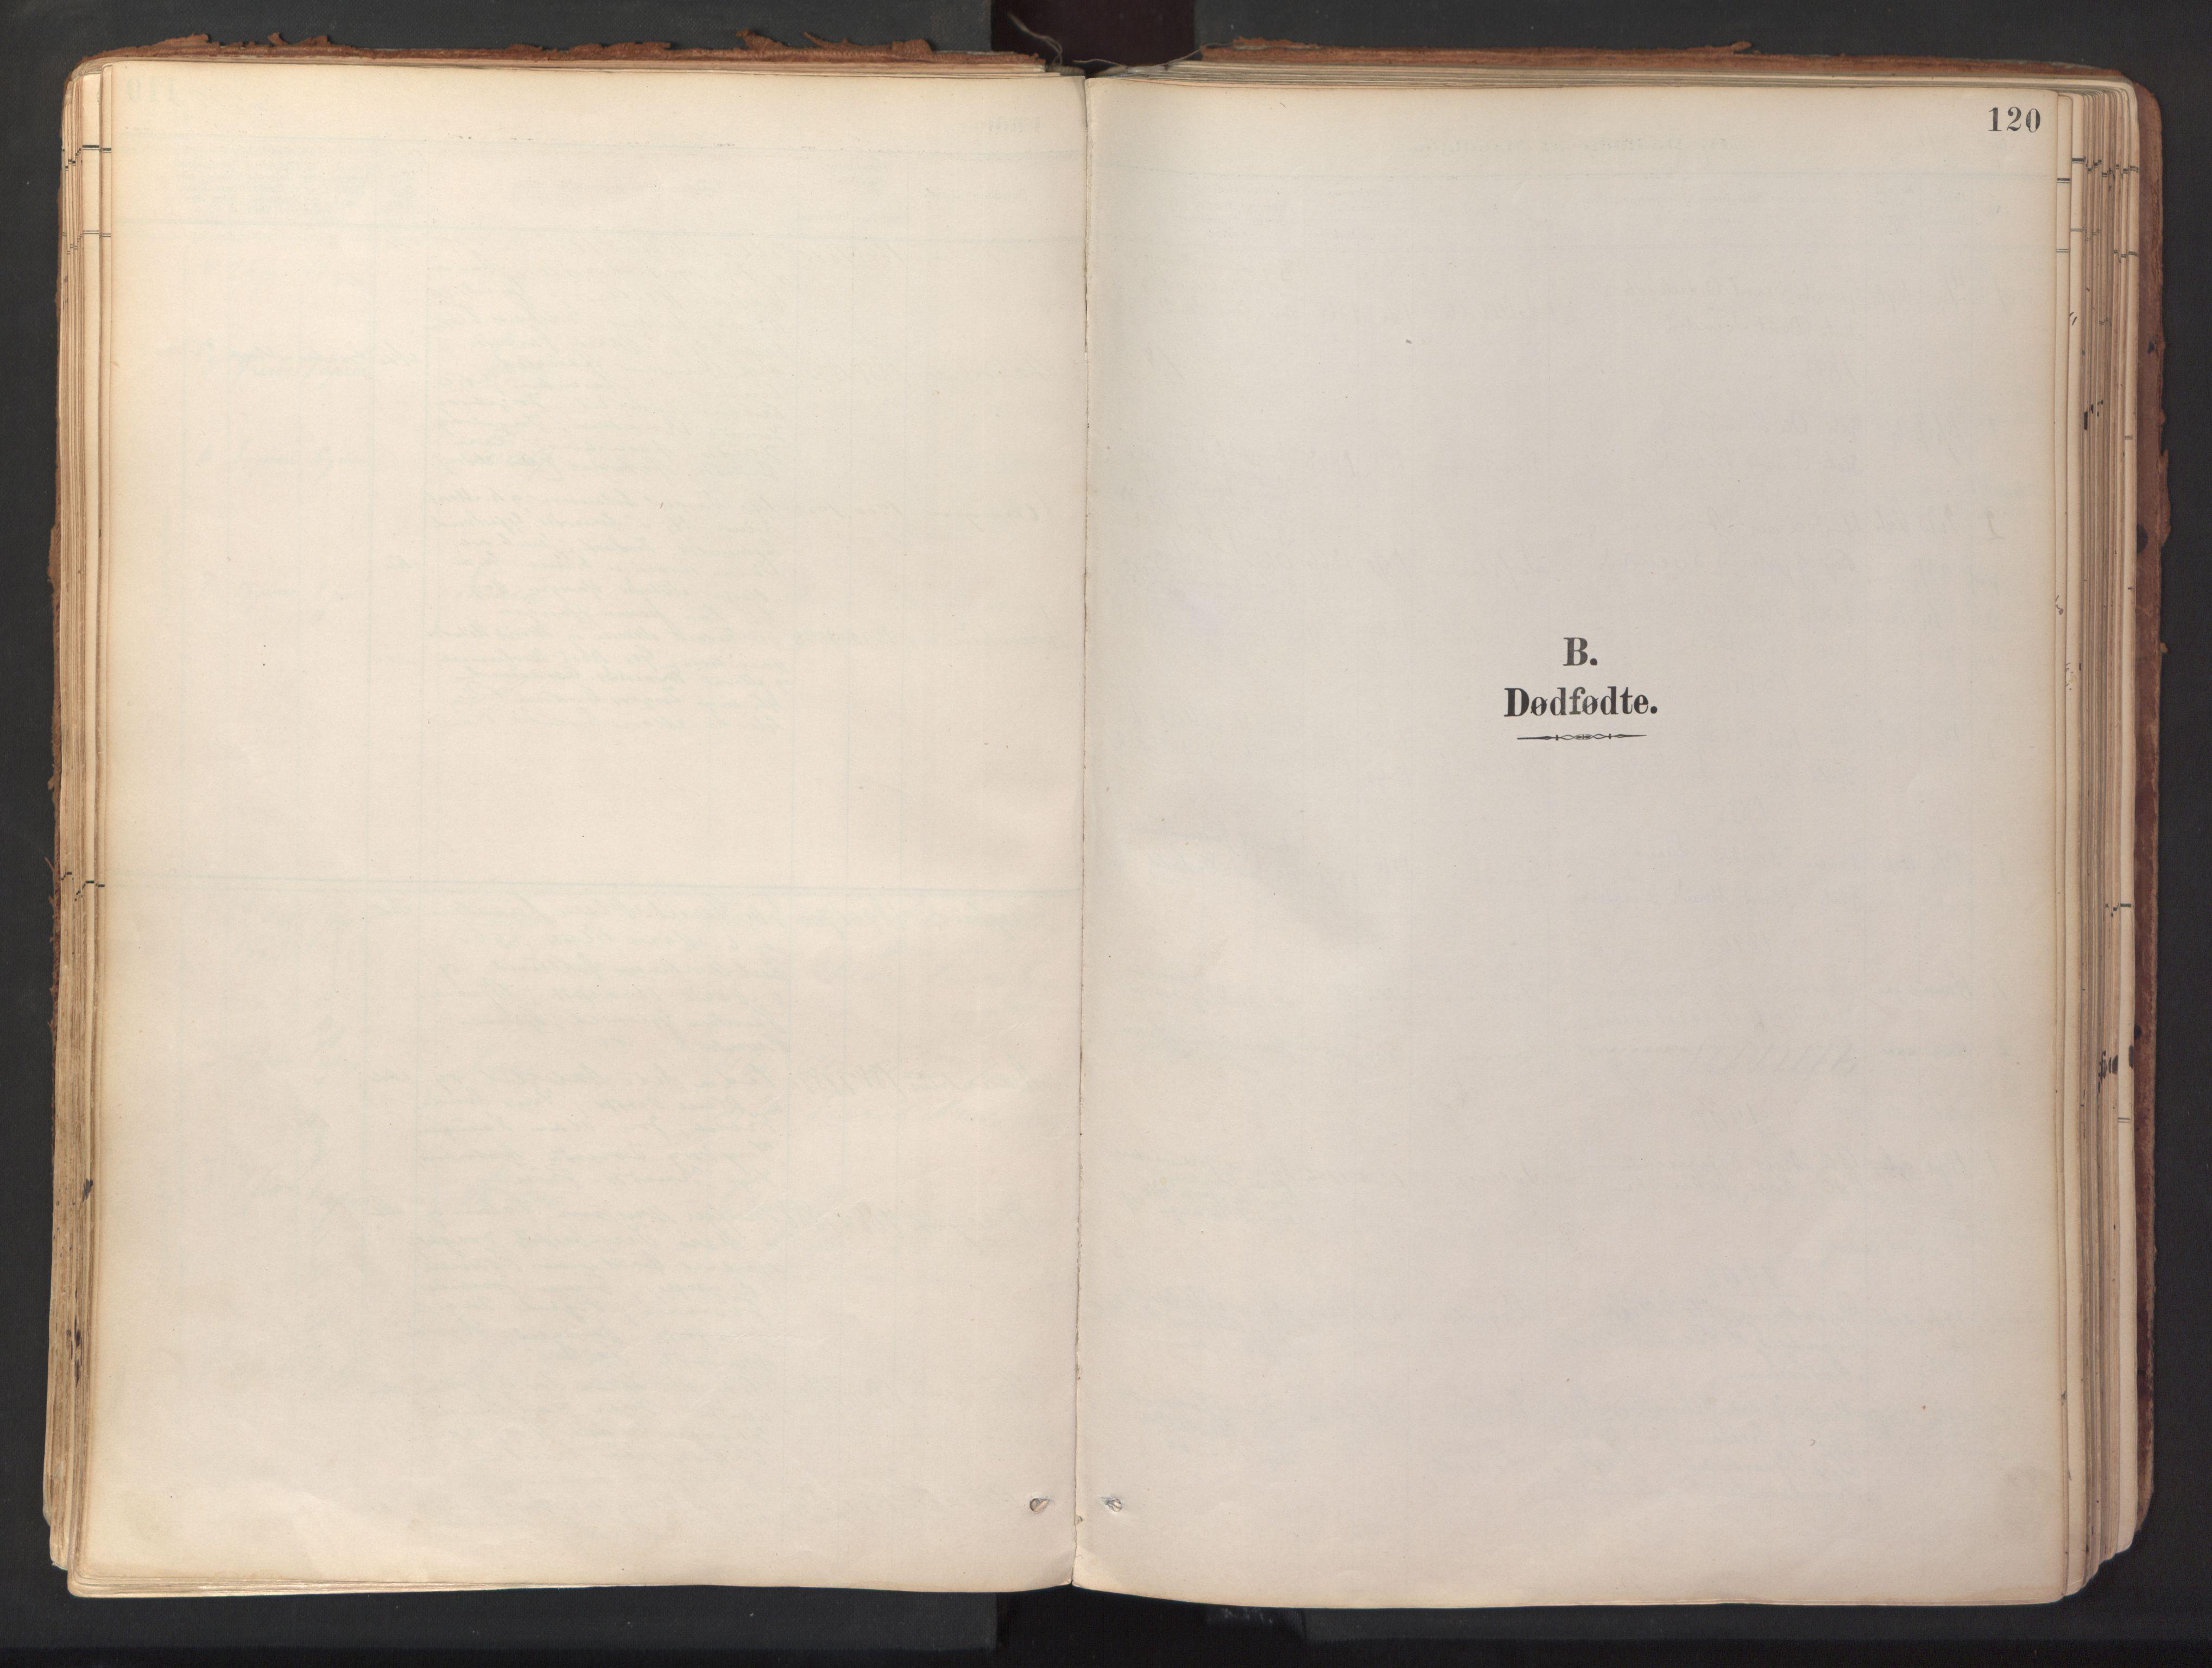 SAT, Ministerialprotokoller, klokkerbøker og fødselsregistre - Sør-Trøndelag, 689/L1041: Ministerialbok nr. 689A06, 1891-1923, s. 120